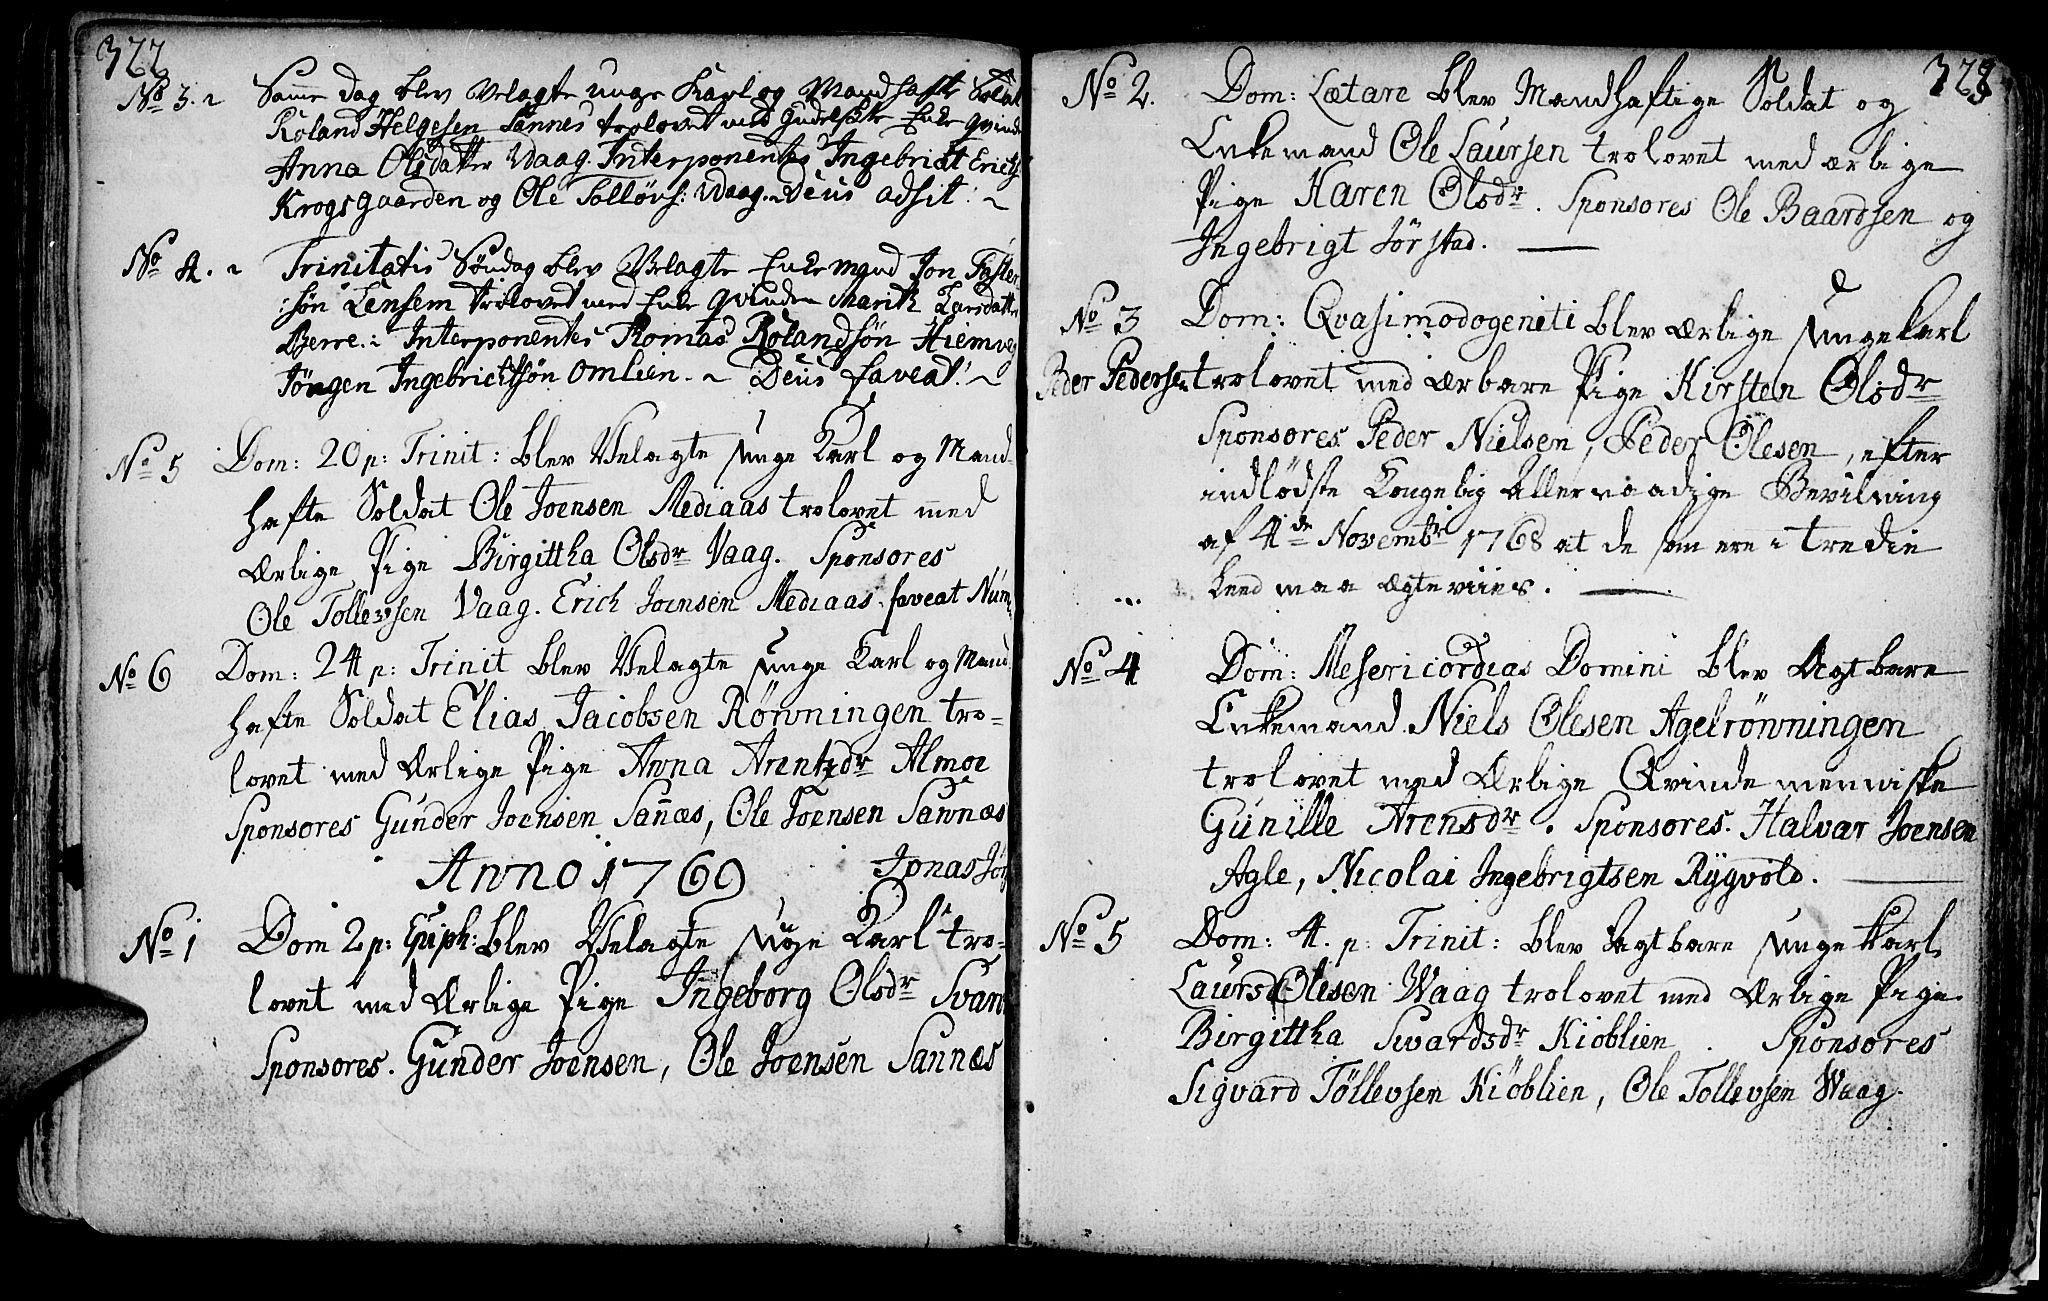 SAT, Ministerialprotokoller, klokkerbøker og fødselsregistre - Nord-Trøndelag, 749/L0467: Ministerialbok nr. 749A01, 1733-1787, s. 322-323